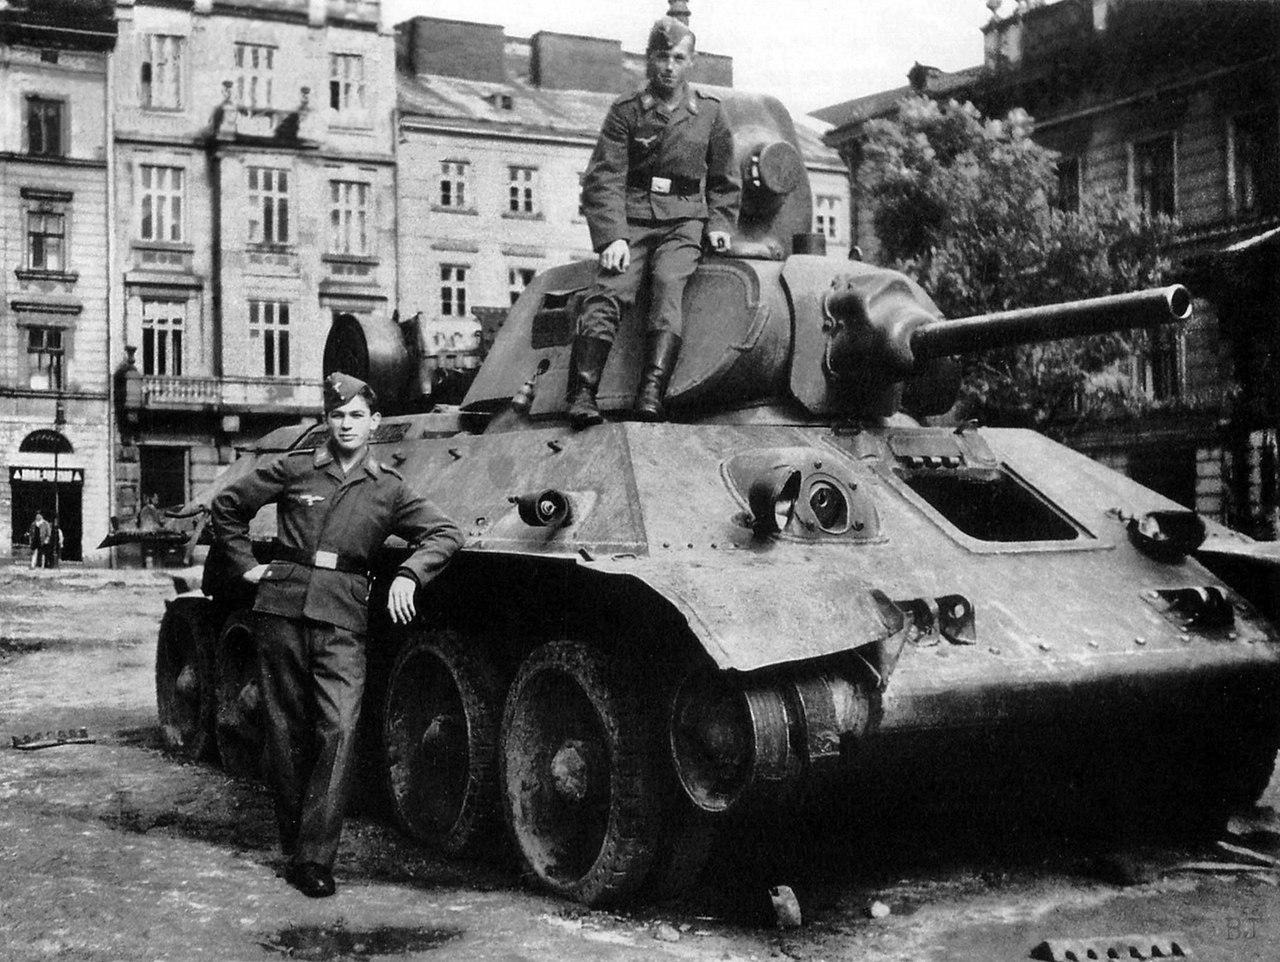 Трофейный Т-34-76 образца 1940 года 4-го механизированного корпуса (1-го формирования), УССР '41 г.